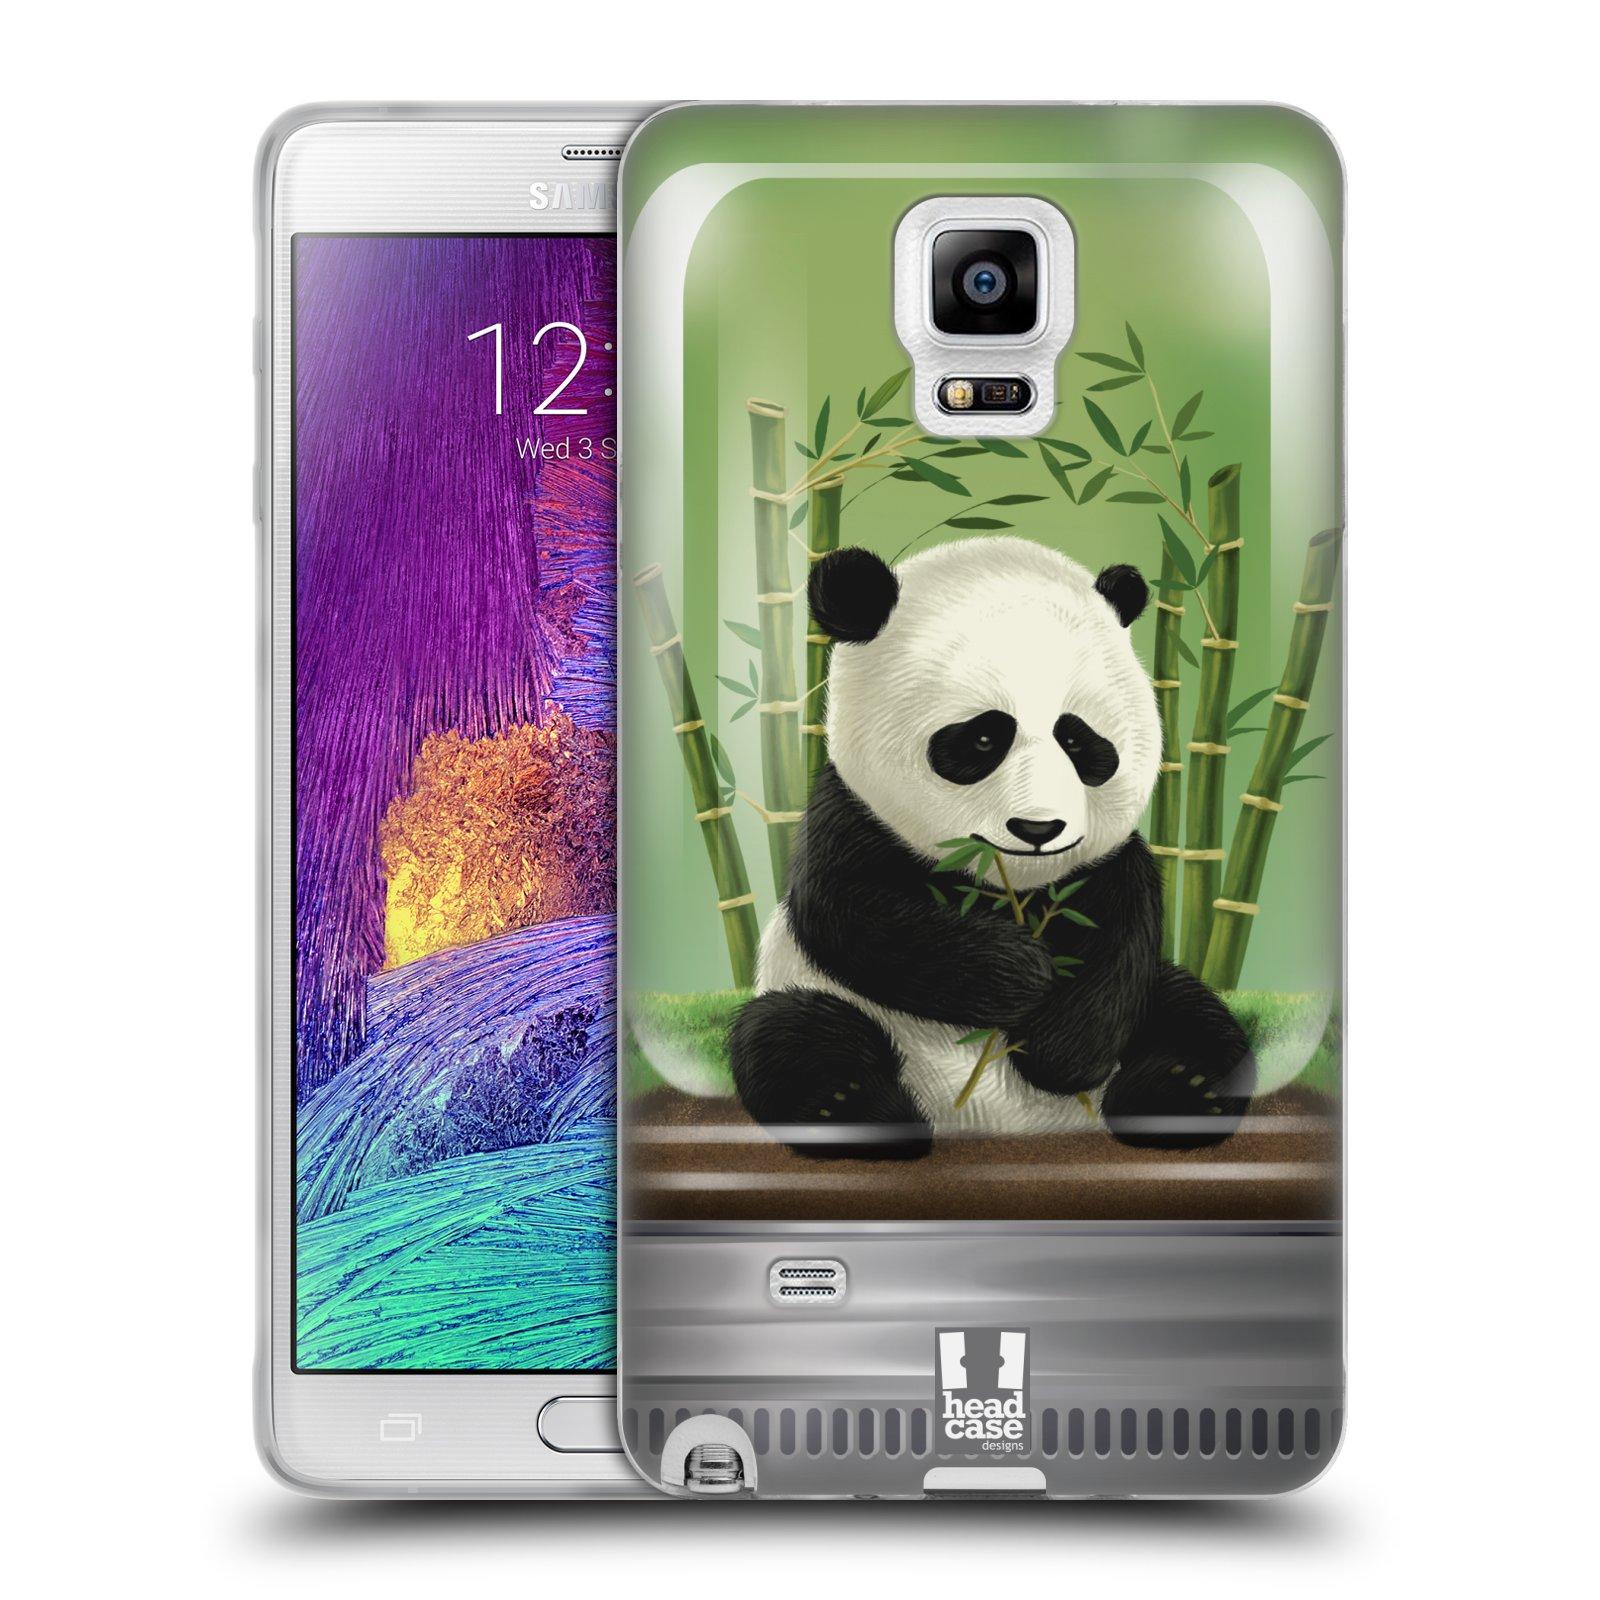 HEAD CASE silikonový obal na mobil Samsung Galaxy Note 4 (N910) vzor Zvířátka v těžítku panda